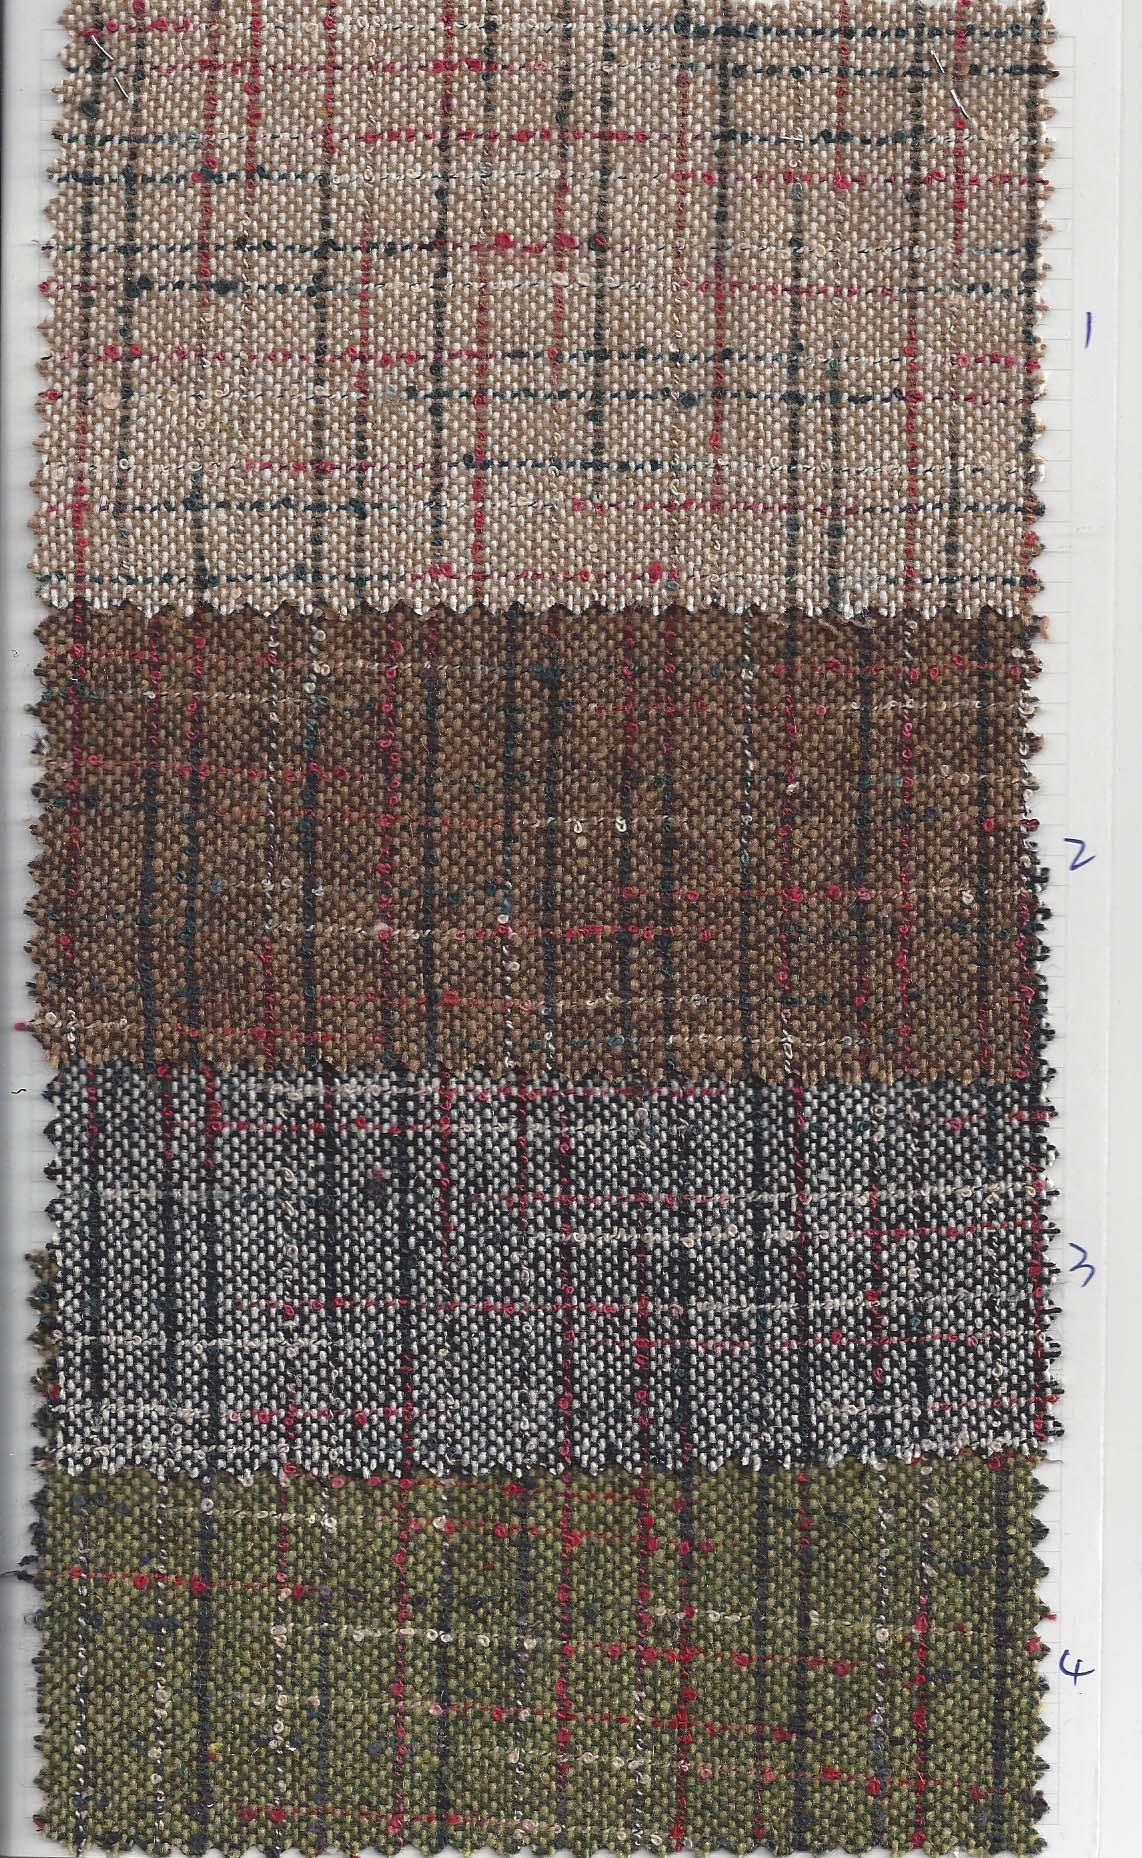 Zhi Cheng Textile K0108.jpg